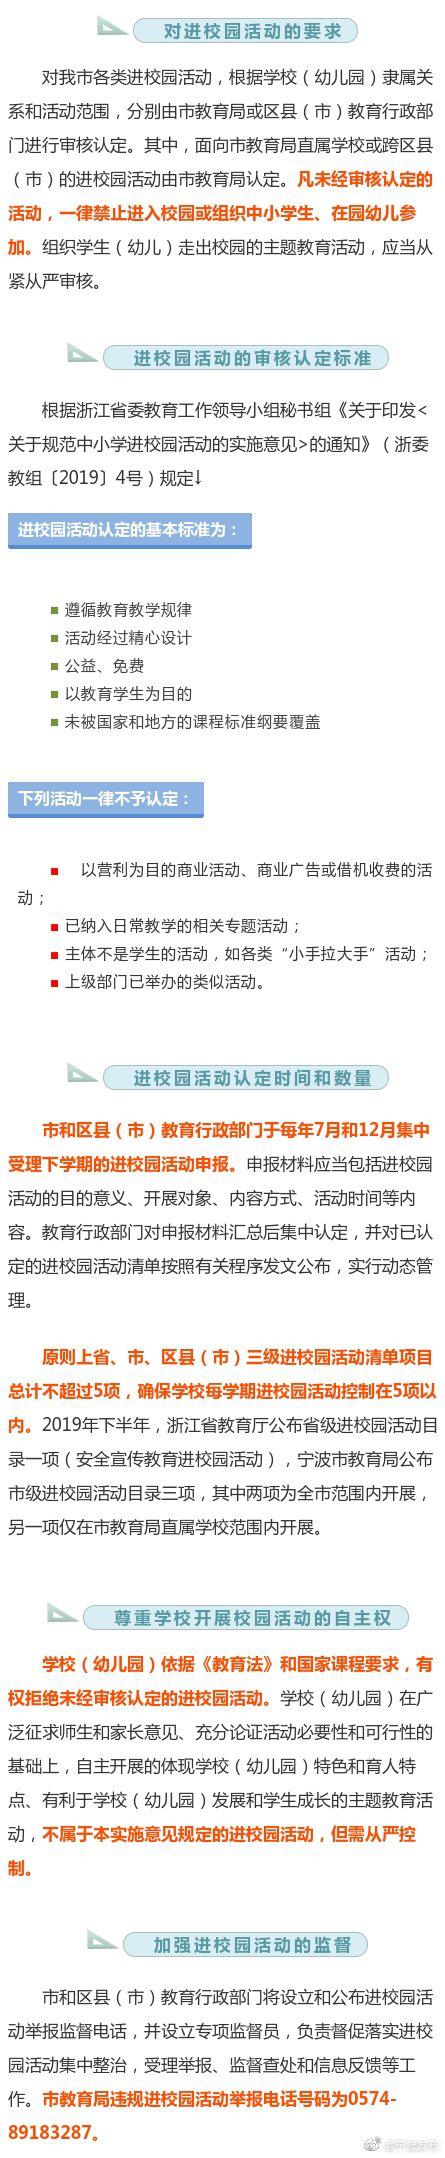 宁波实行进校园活动审核认定制度 维护学校教学秩序